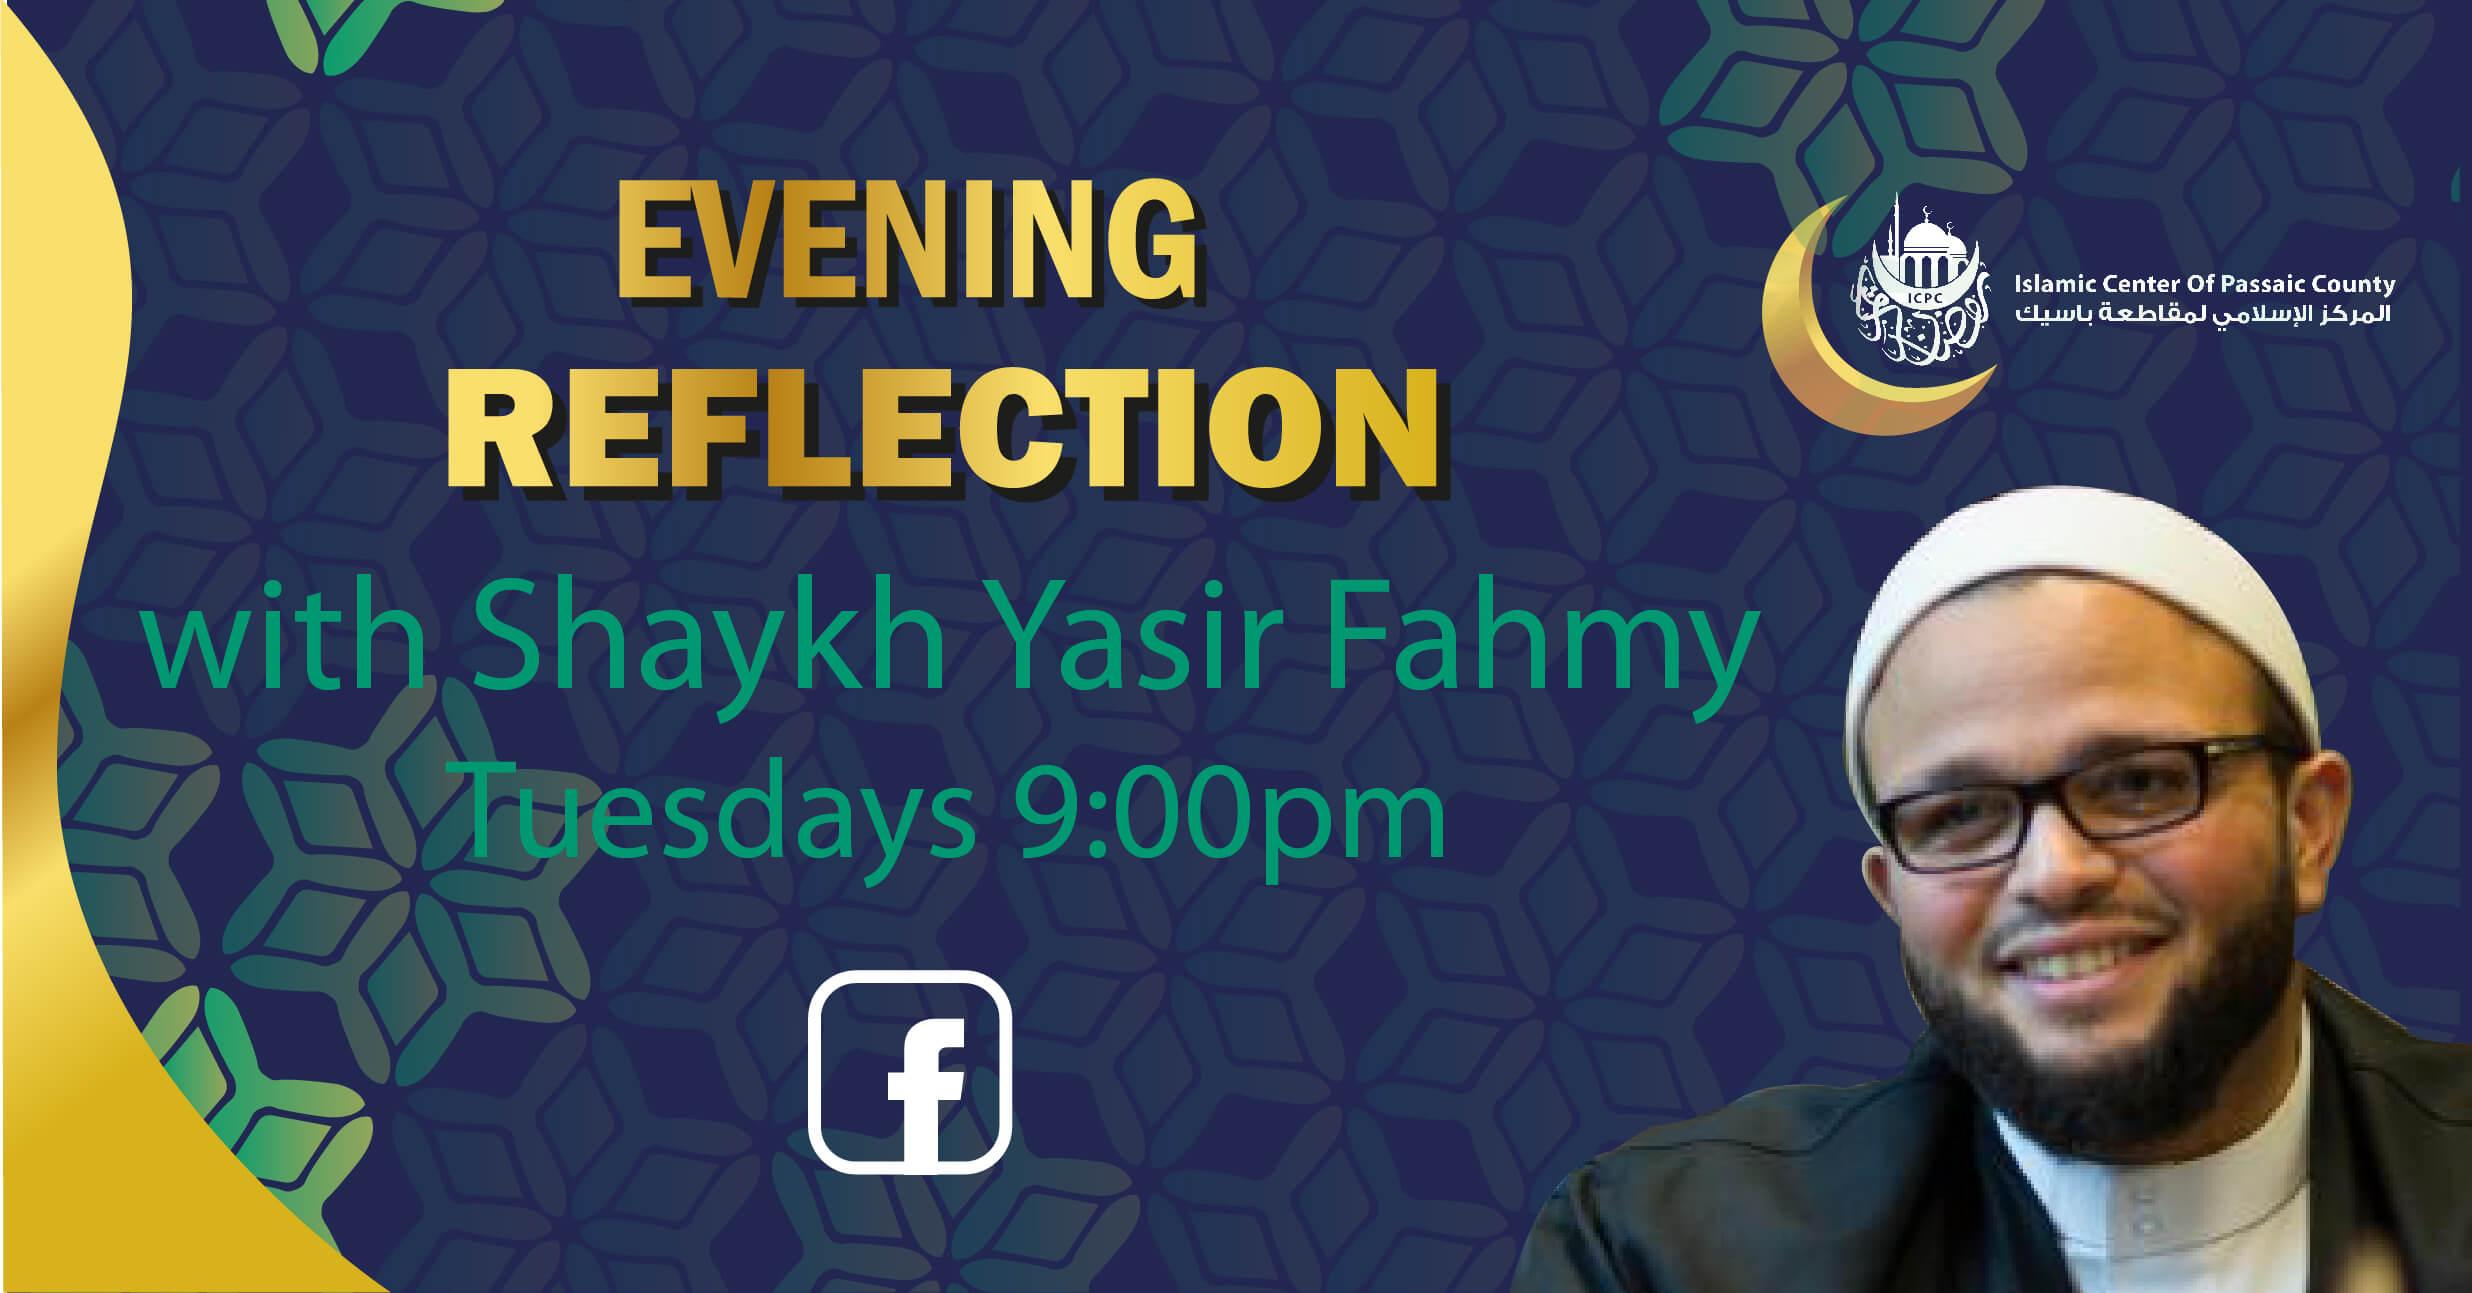 ramadan_yasir_fahmy_khatira__socialmediabanners-02